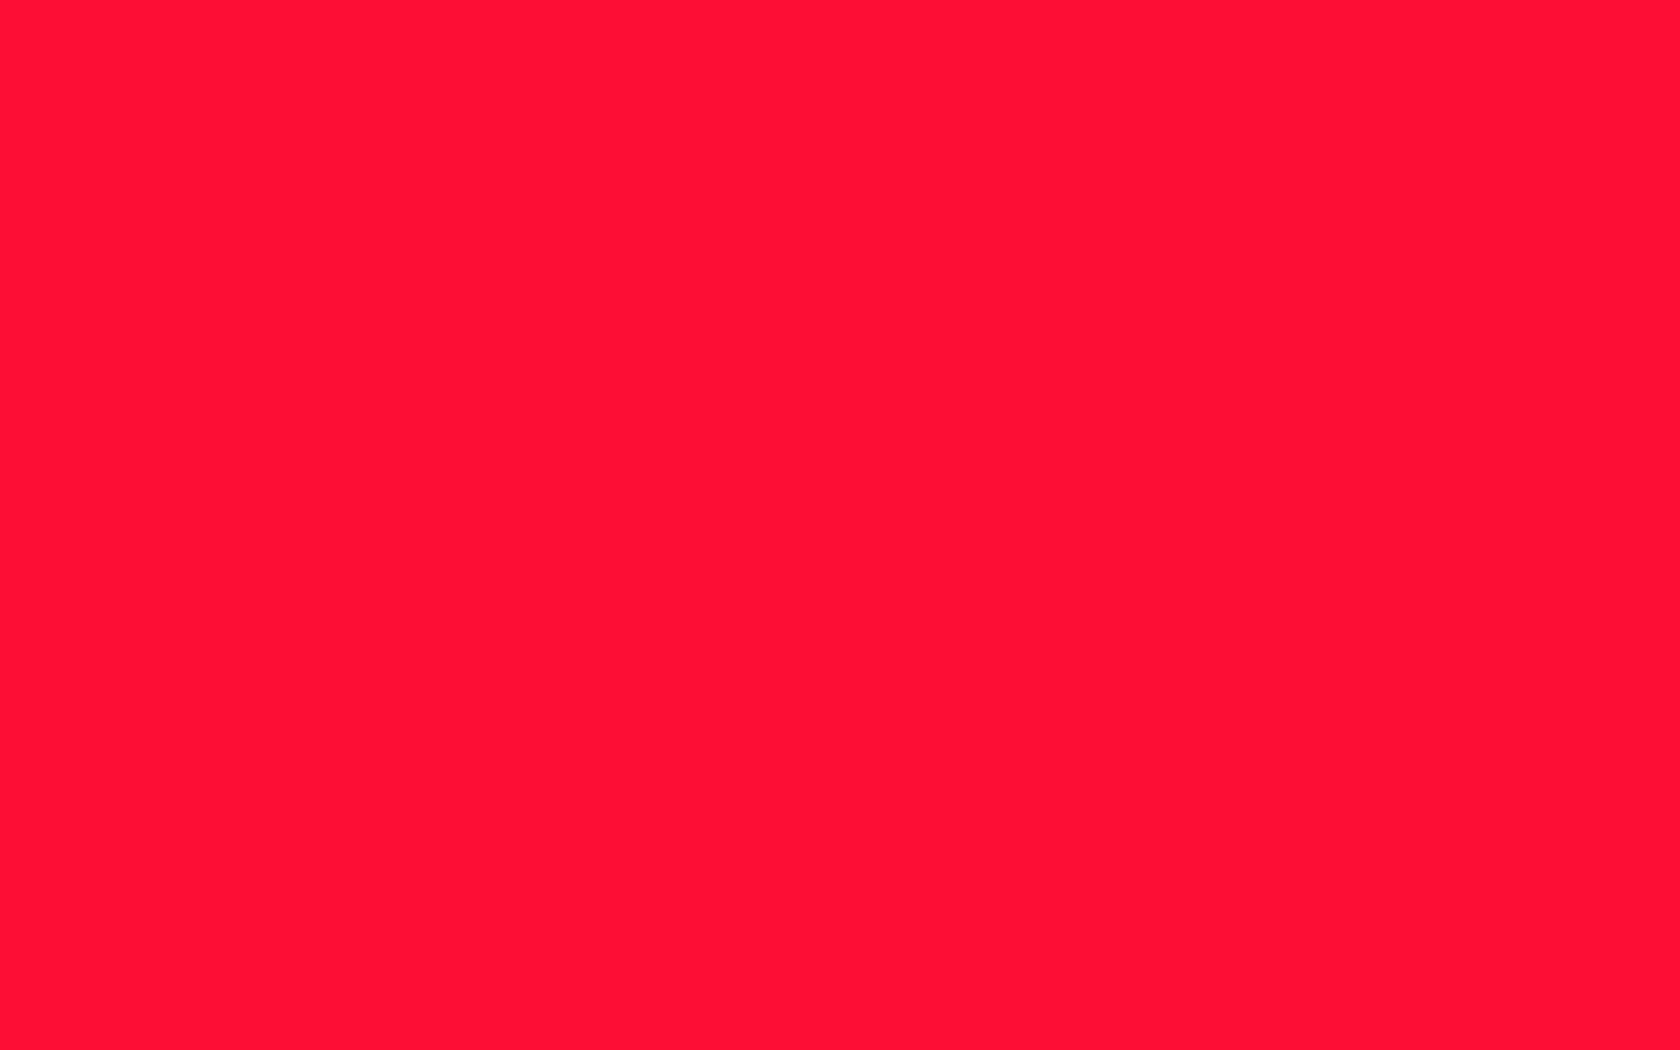 1680x1050 Scarlet Crayola Solid Color Background